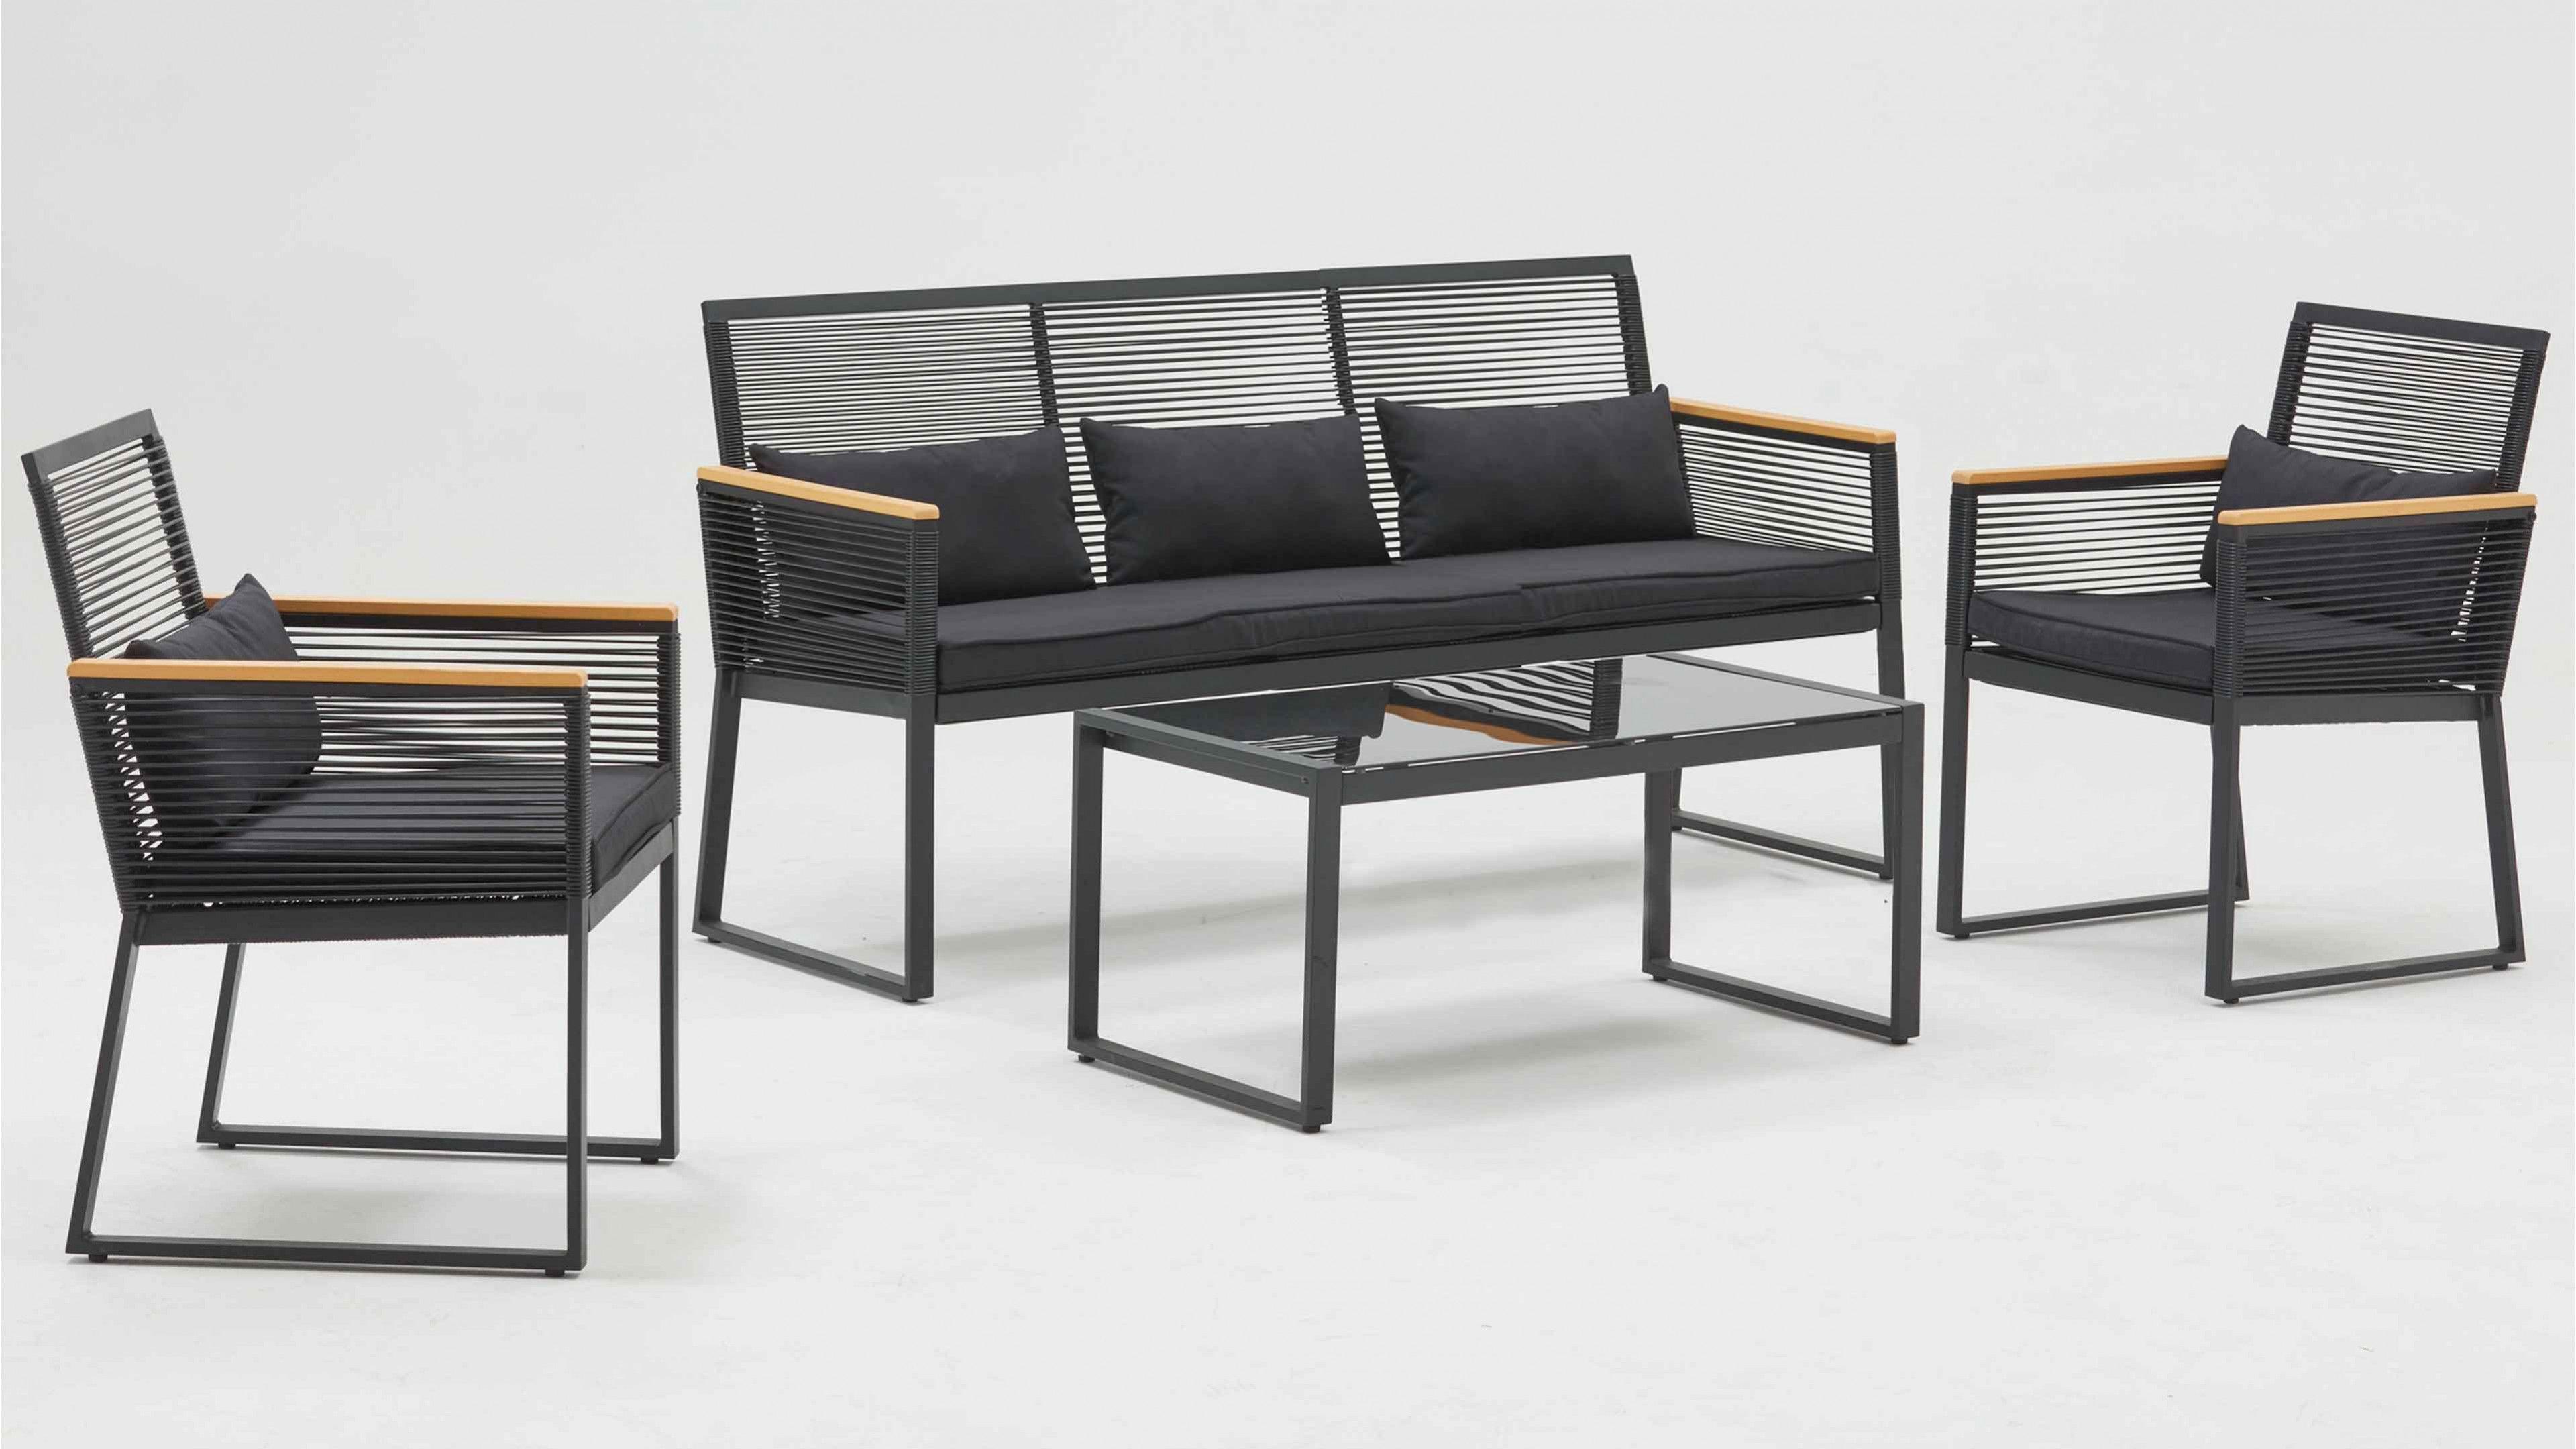 Salon de jardin design : les tendances incontournables - Oviala